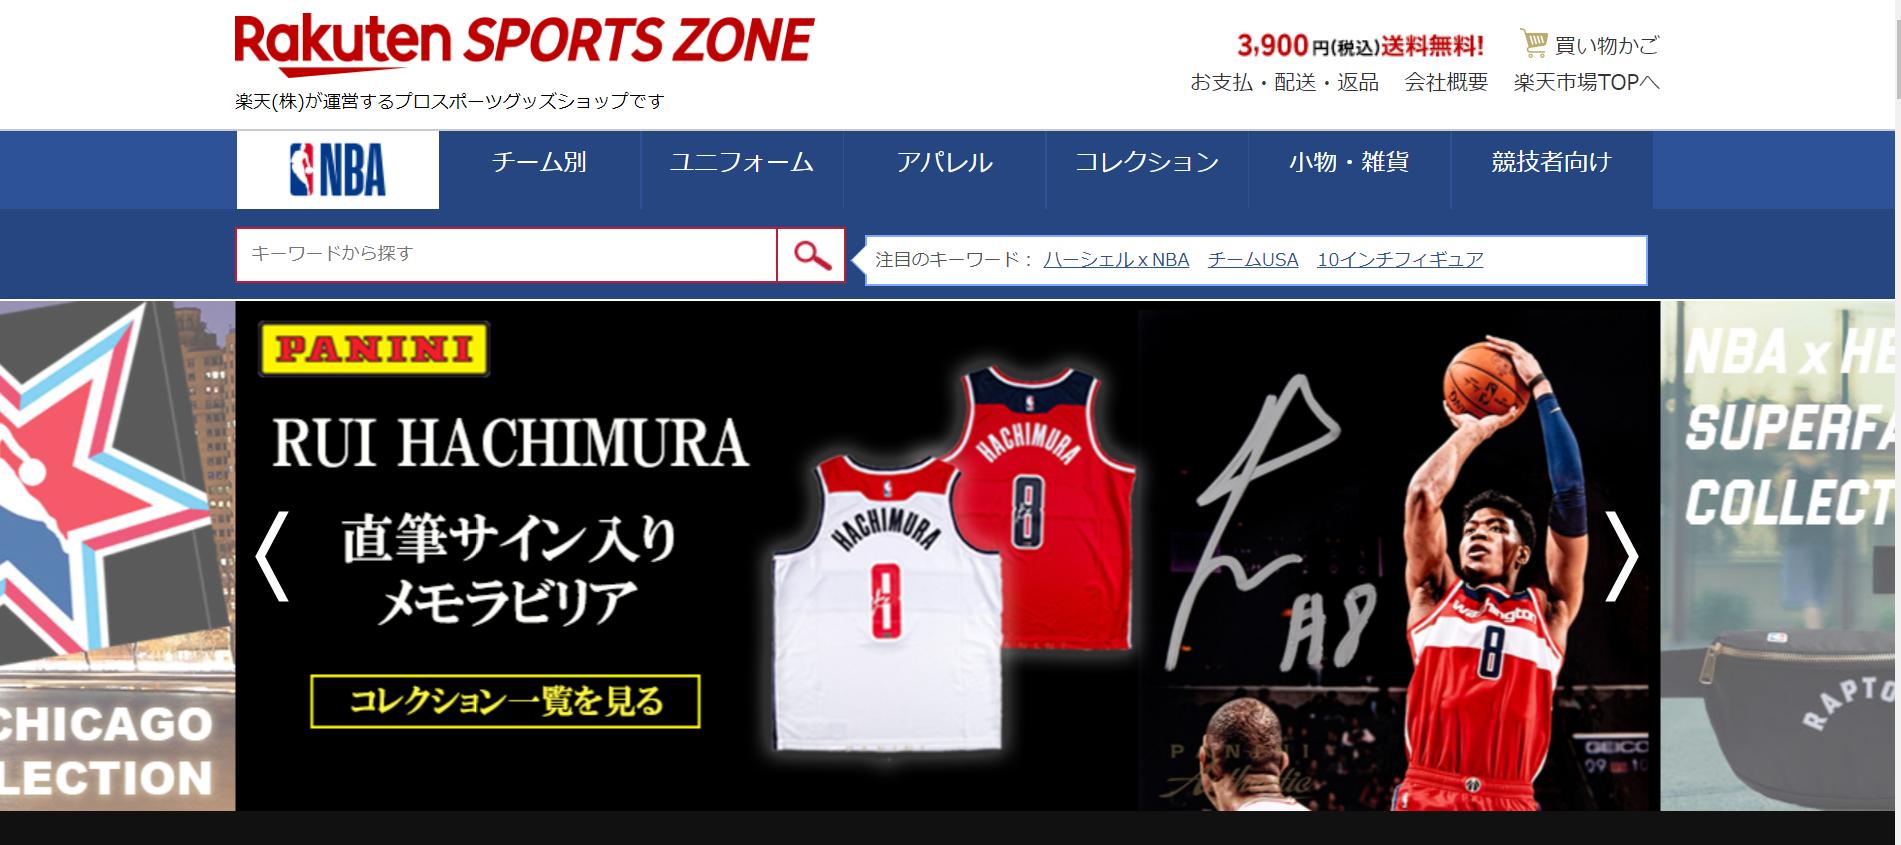 【完全版】NBAパーカーを購入できるサイト10選!【メンズ・ジュニア】